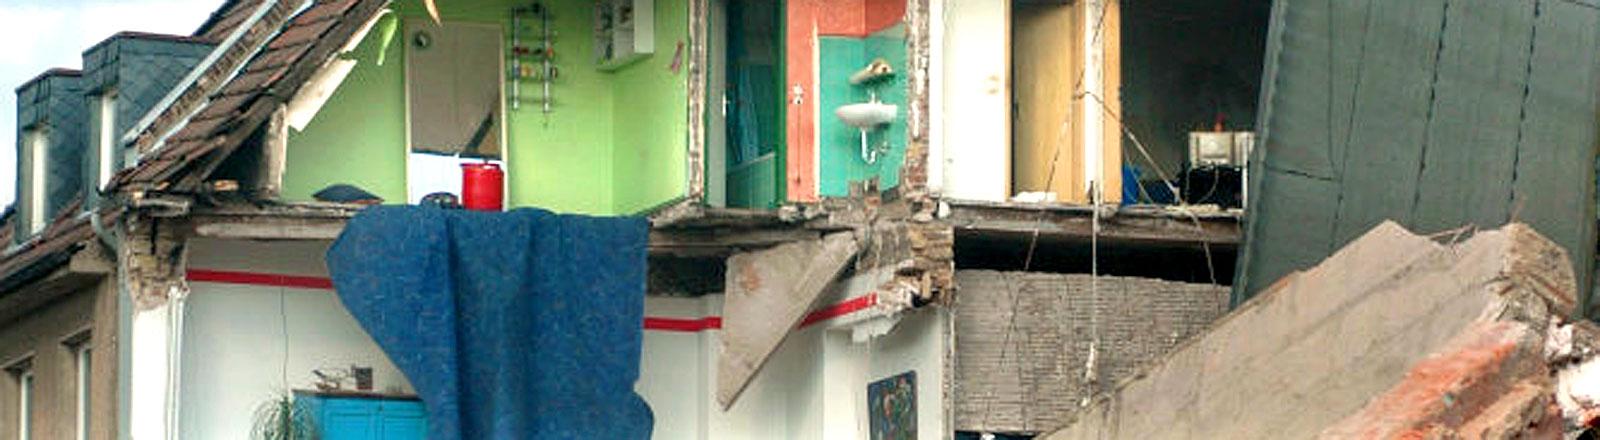 In Köln ist am Dienstag (03.03.2009) das historische Stadtarchiv eingestürzt.